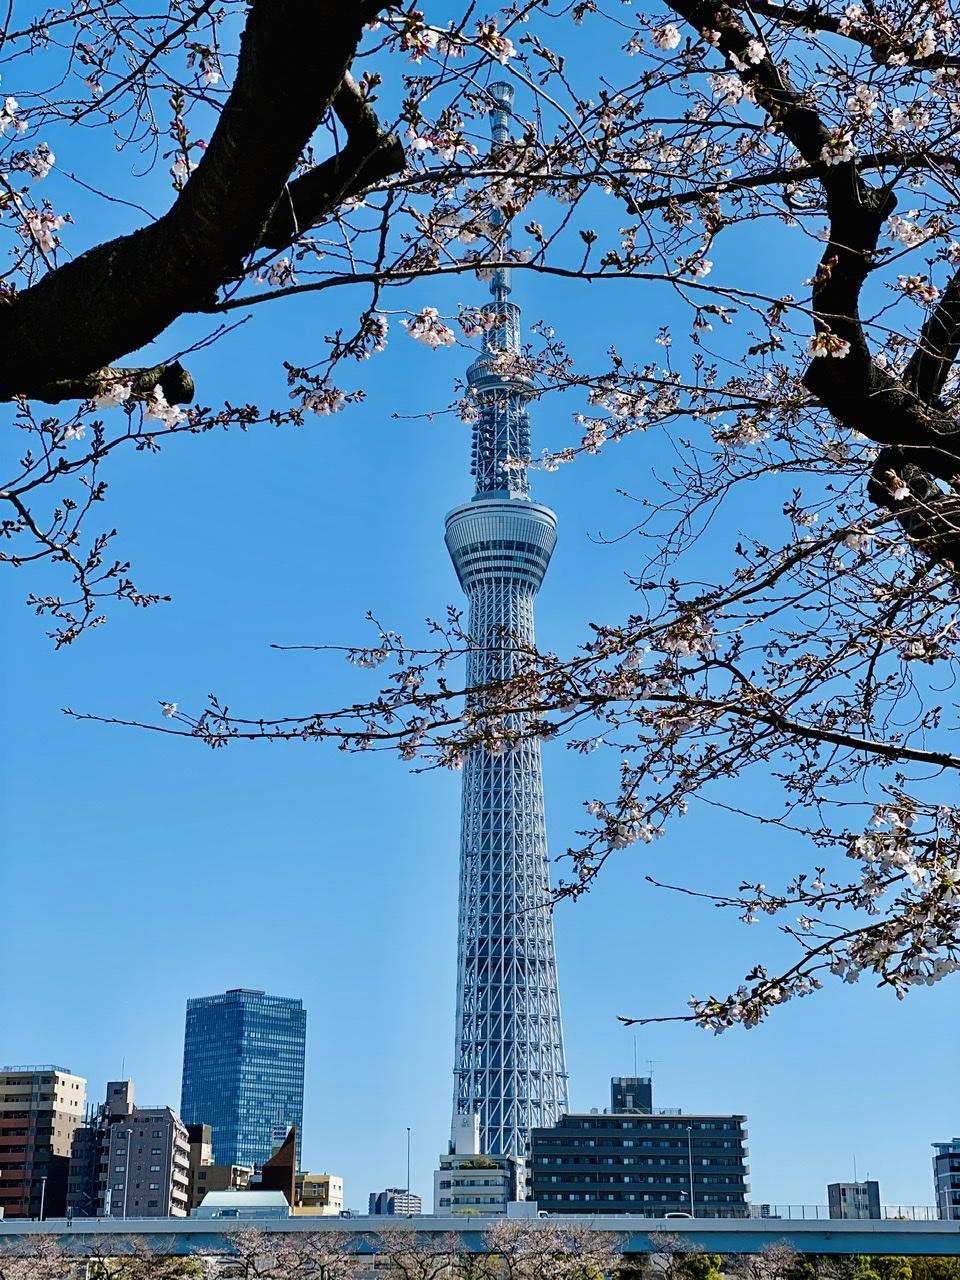 【隅田公園】お花見絶景スポット発見!《桜×東京スカイツリー》のコラボが映え度抜群♡_4